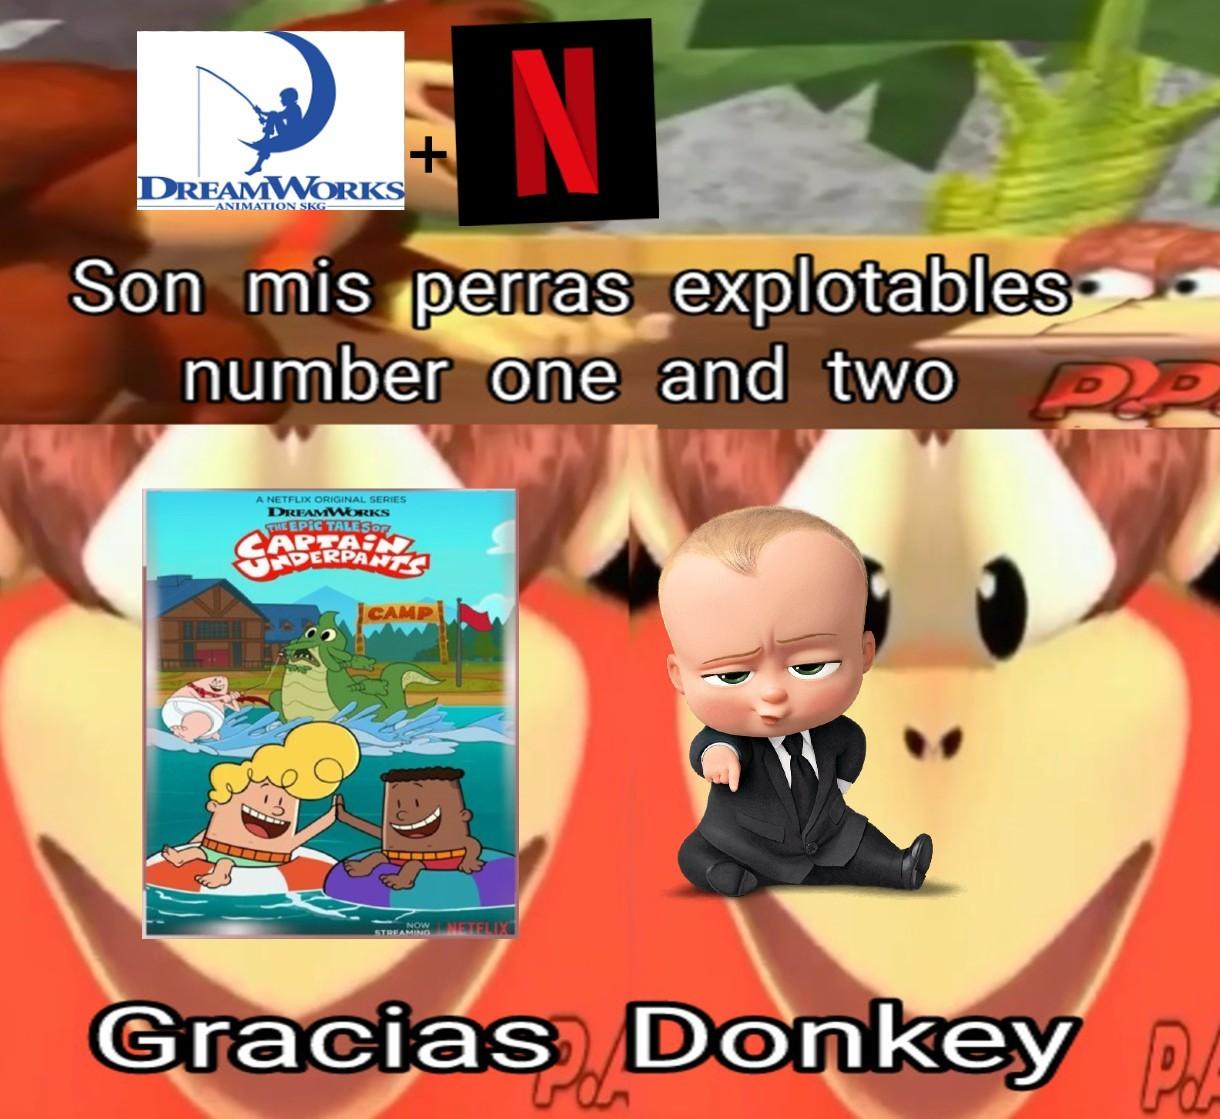 a mi o me gustan, en especial la del bebe ese, esta rara - meme